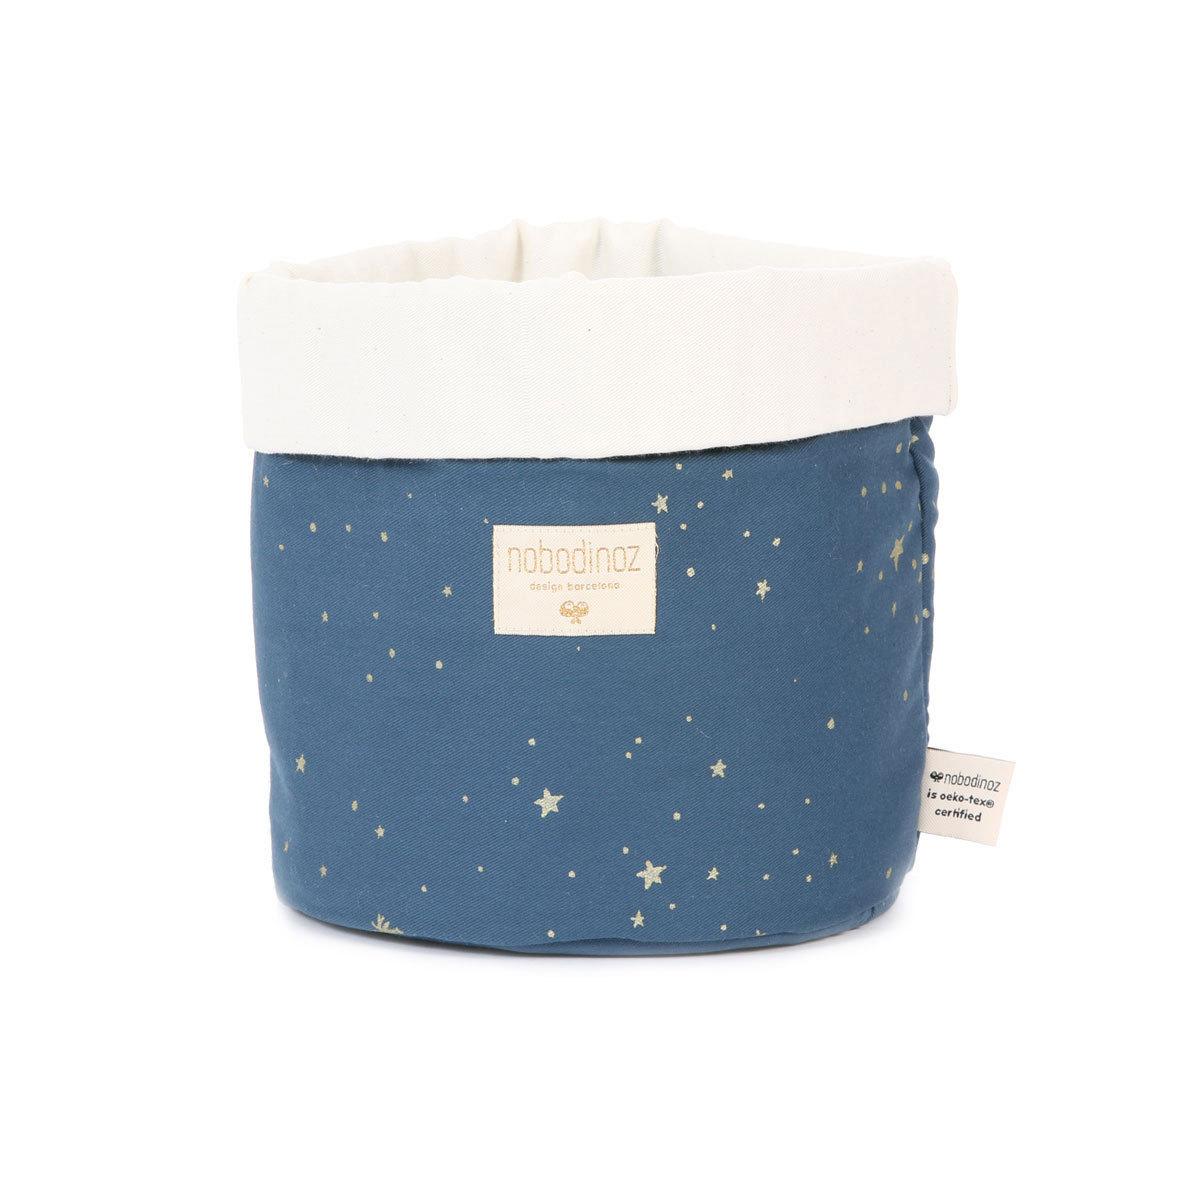 Panier & corbeille Panier de Rangement Panda - Gold Stella / Night Blue Panier de Rangement Panda - Gold Stella / Night Blue